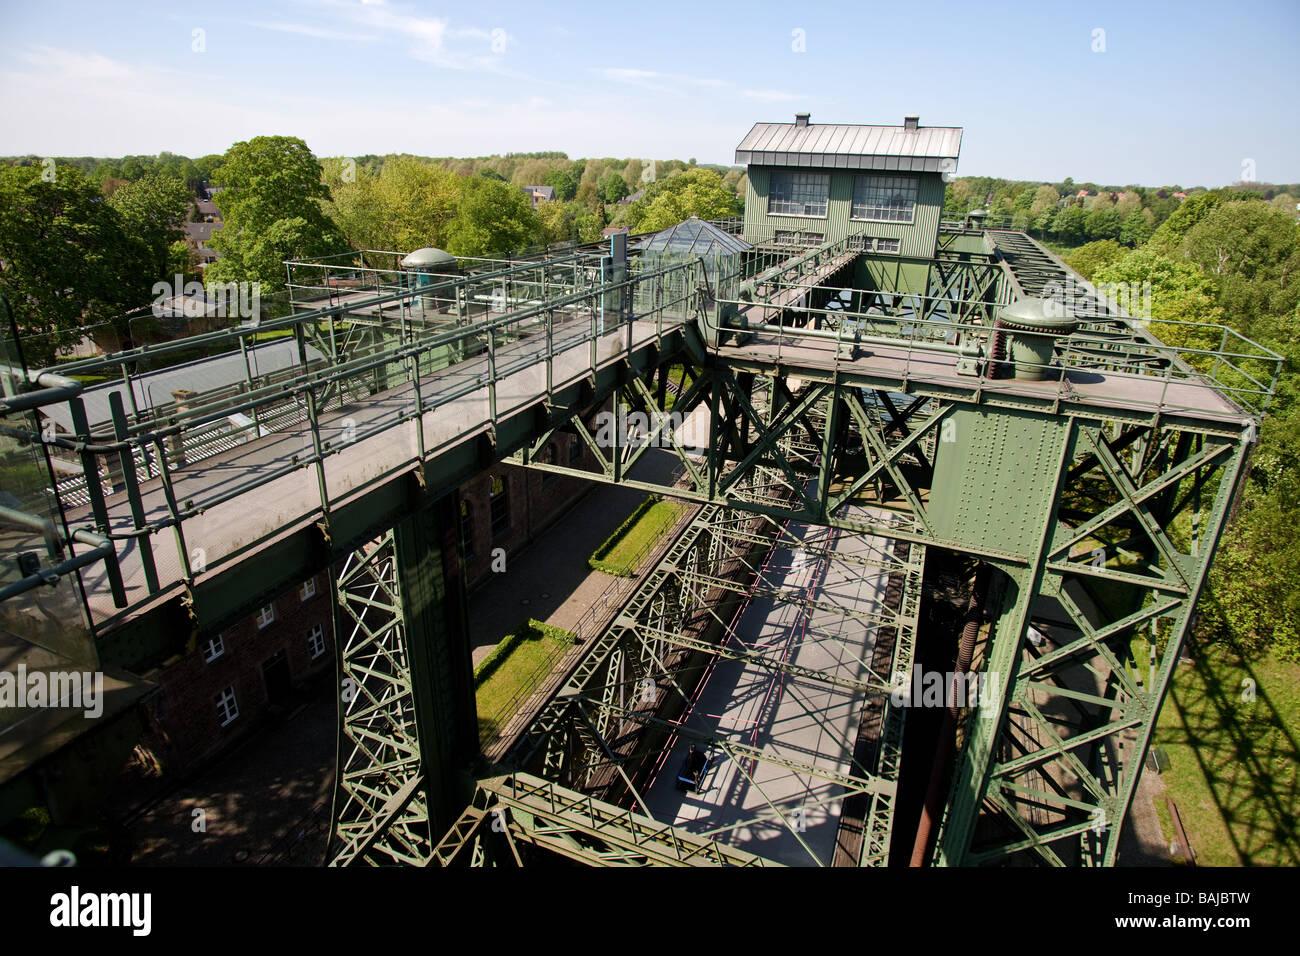 El viejo Henrichenburg Shiplift en la ciudad de Waltrop, La Ruta de la Cultura Industrial , NRW, Renania del Norte-Westfalia, Alemania. Foto de stock